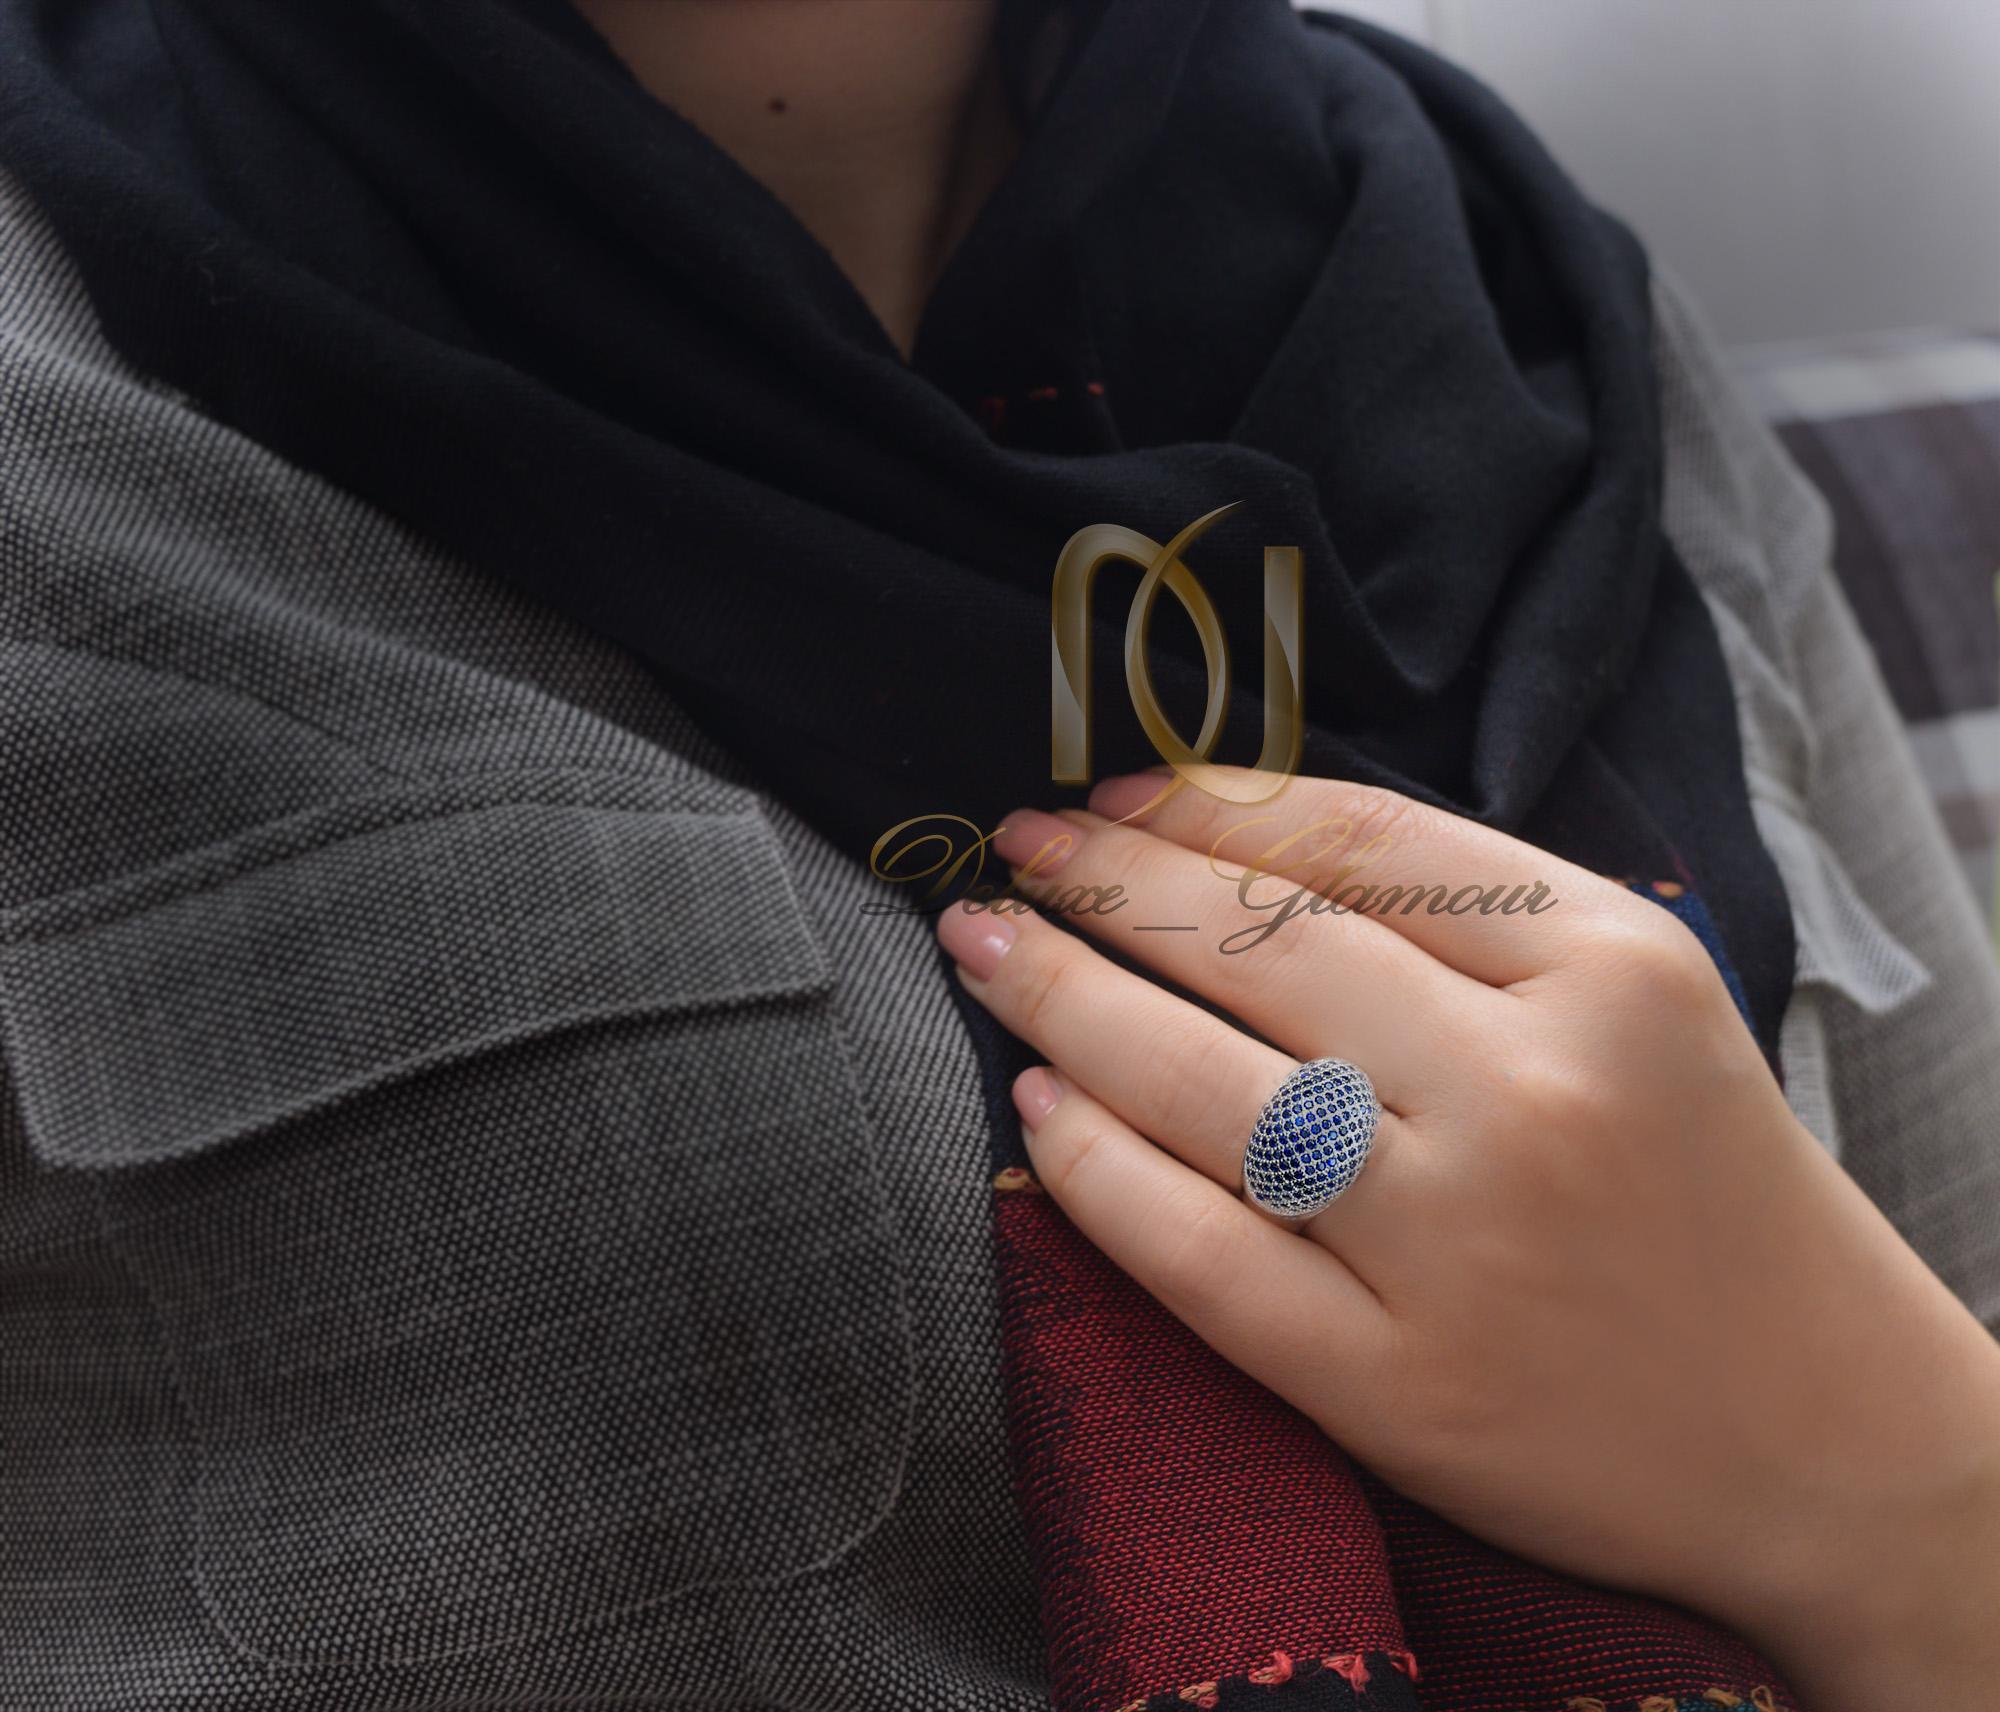 انگشتر زنانه نقره با نگینهای سرمه ای Rg-n348